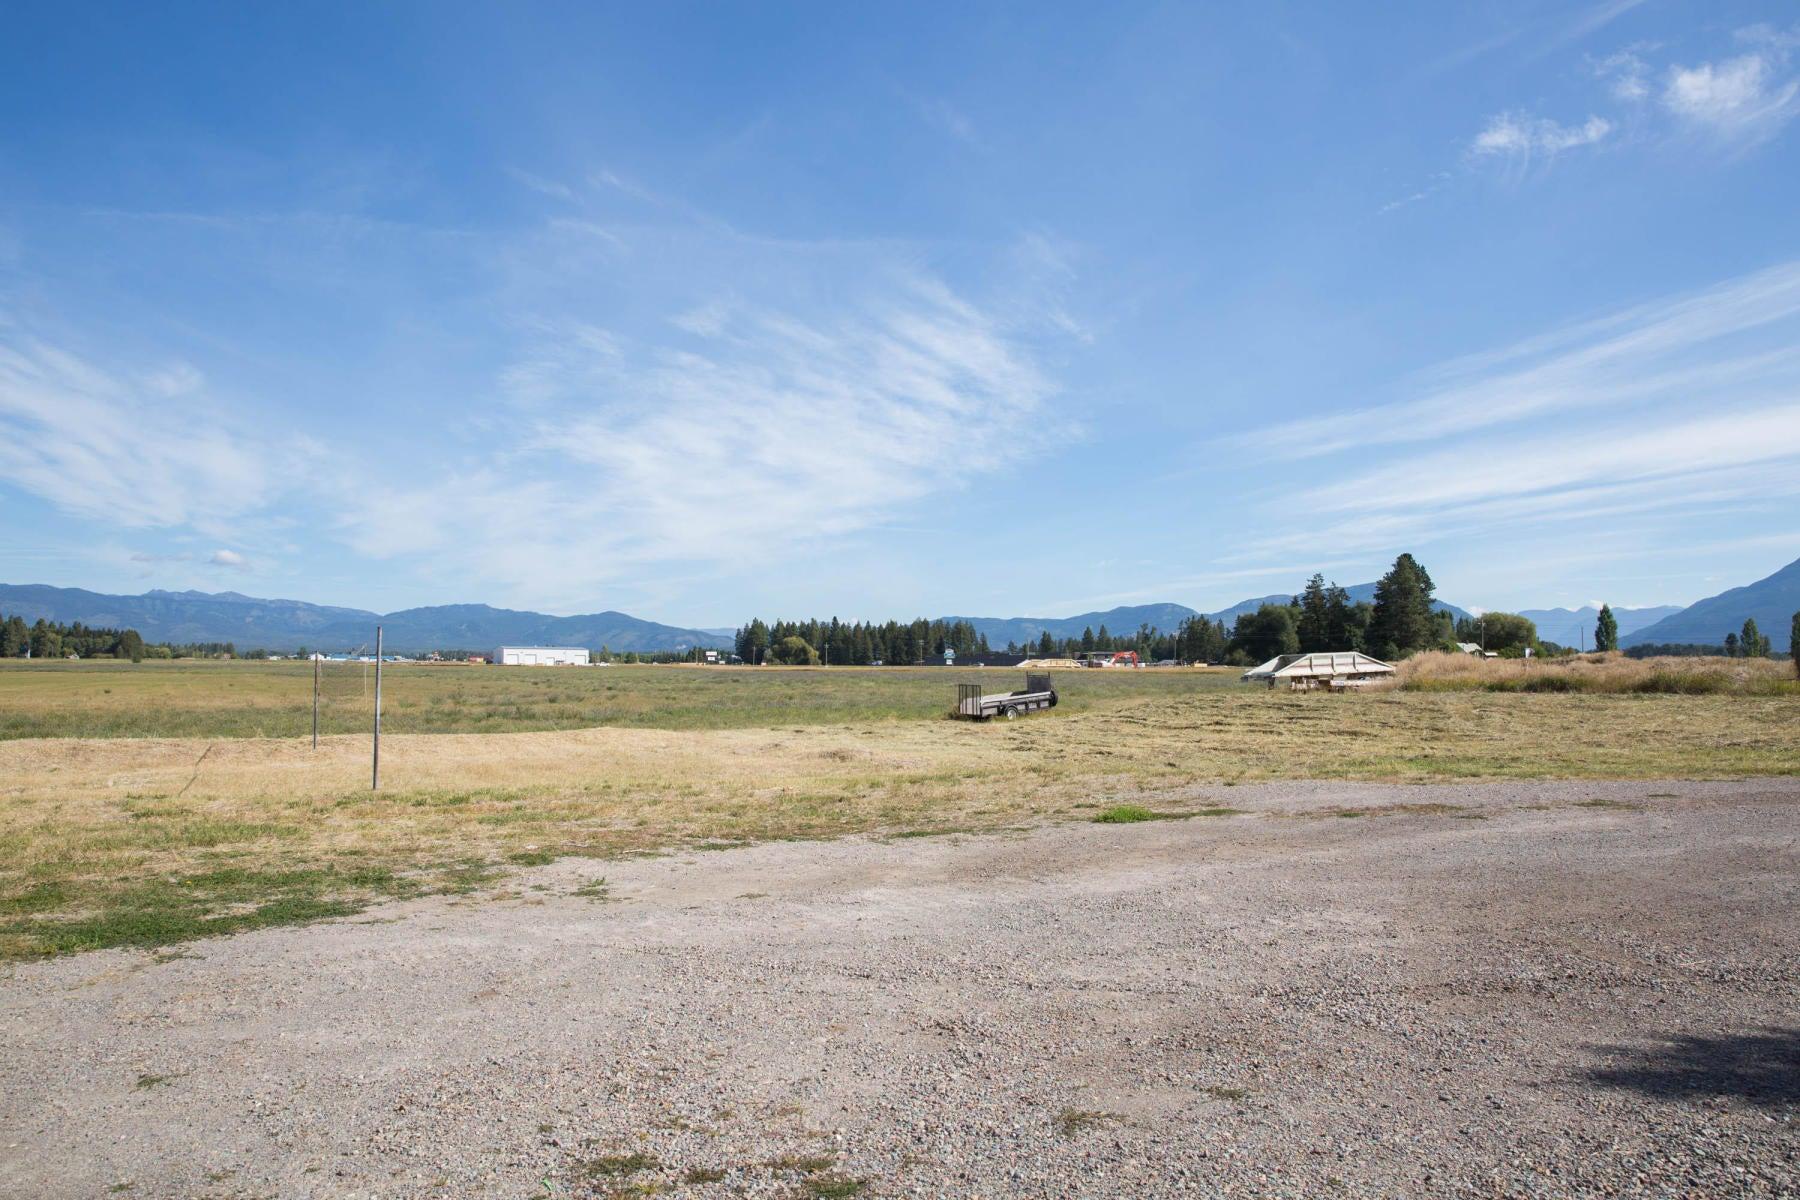 127 Wishart Road, (36 Acres), Columbia Falls, MT 59912